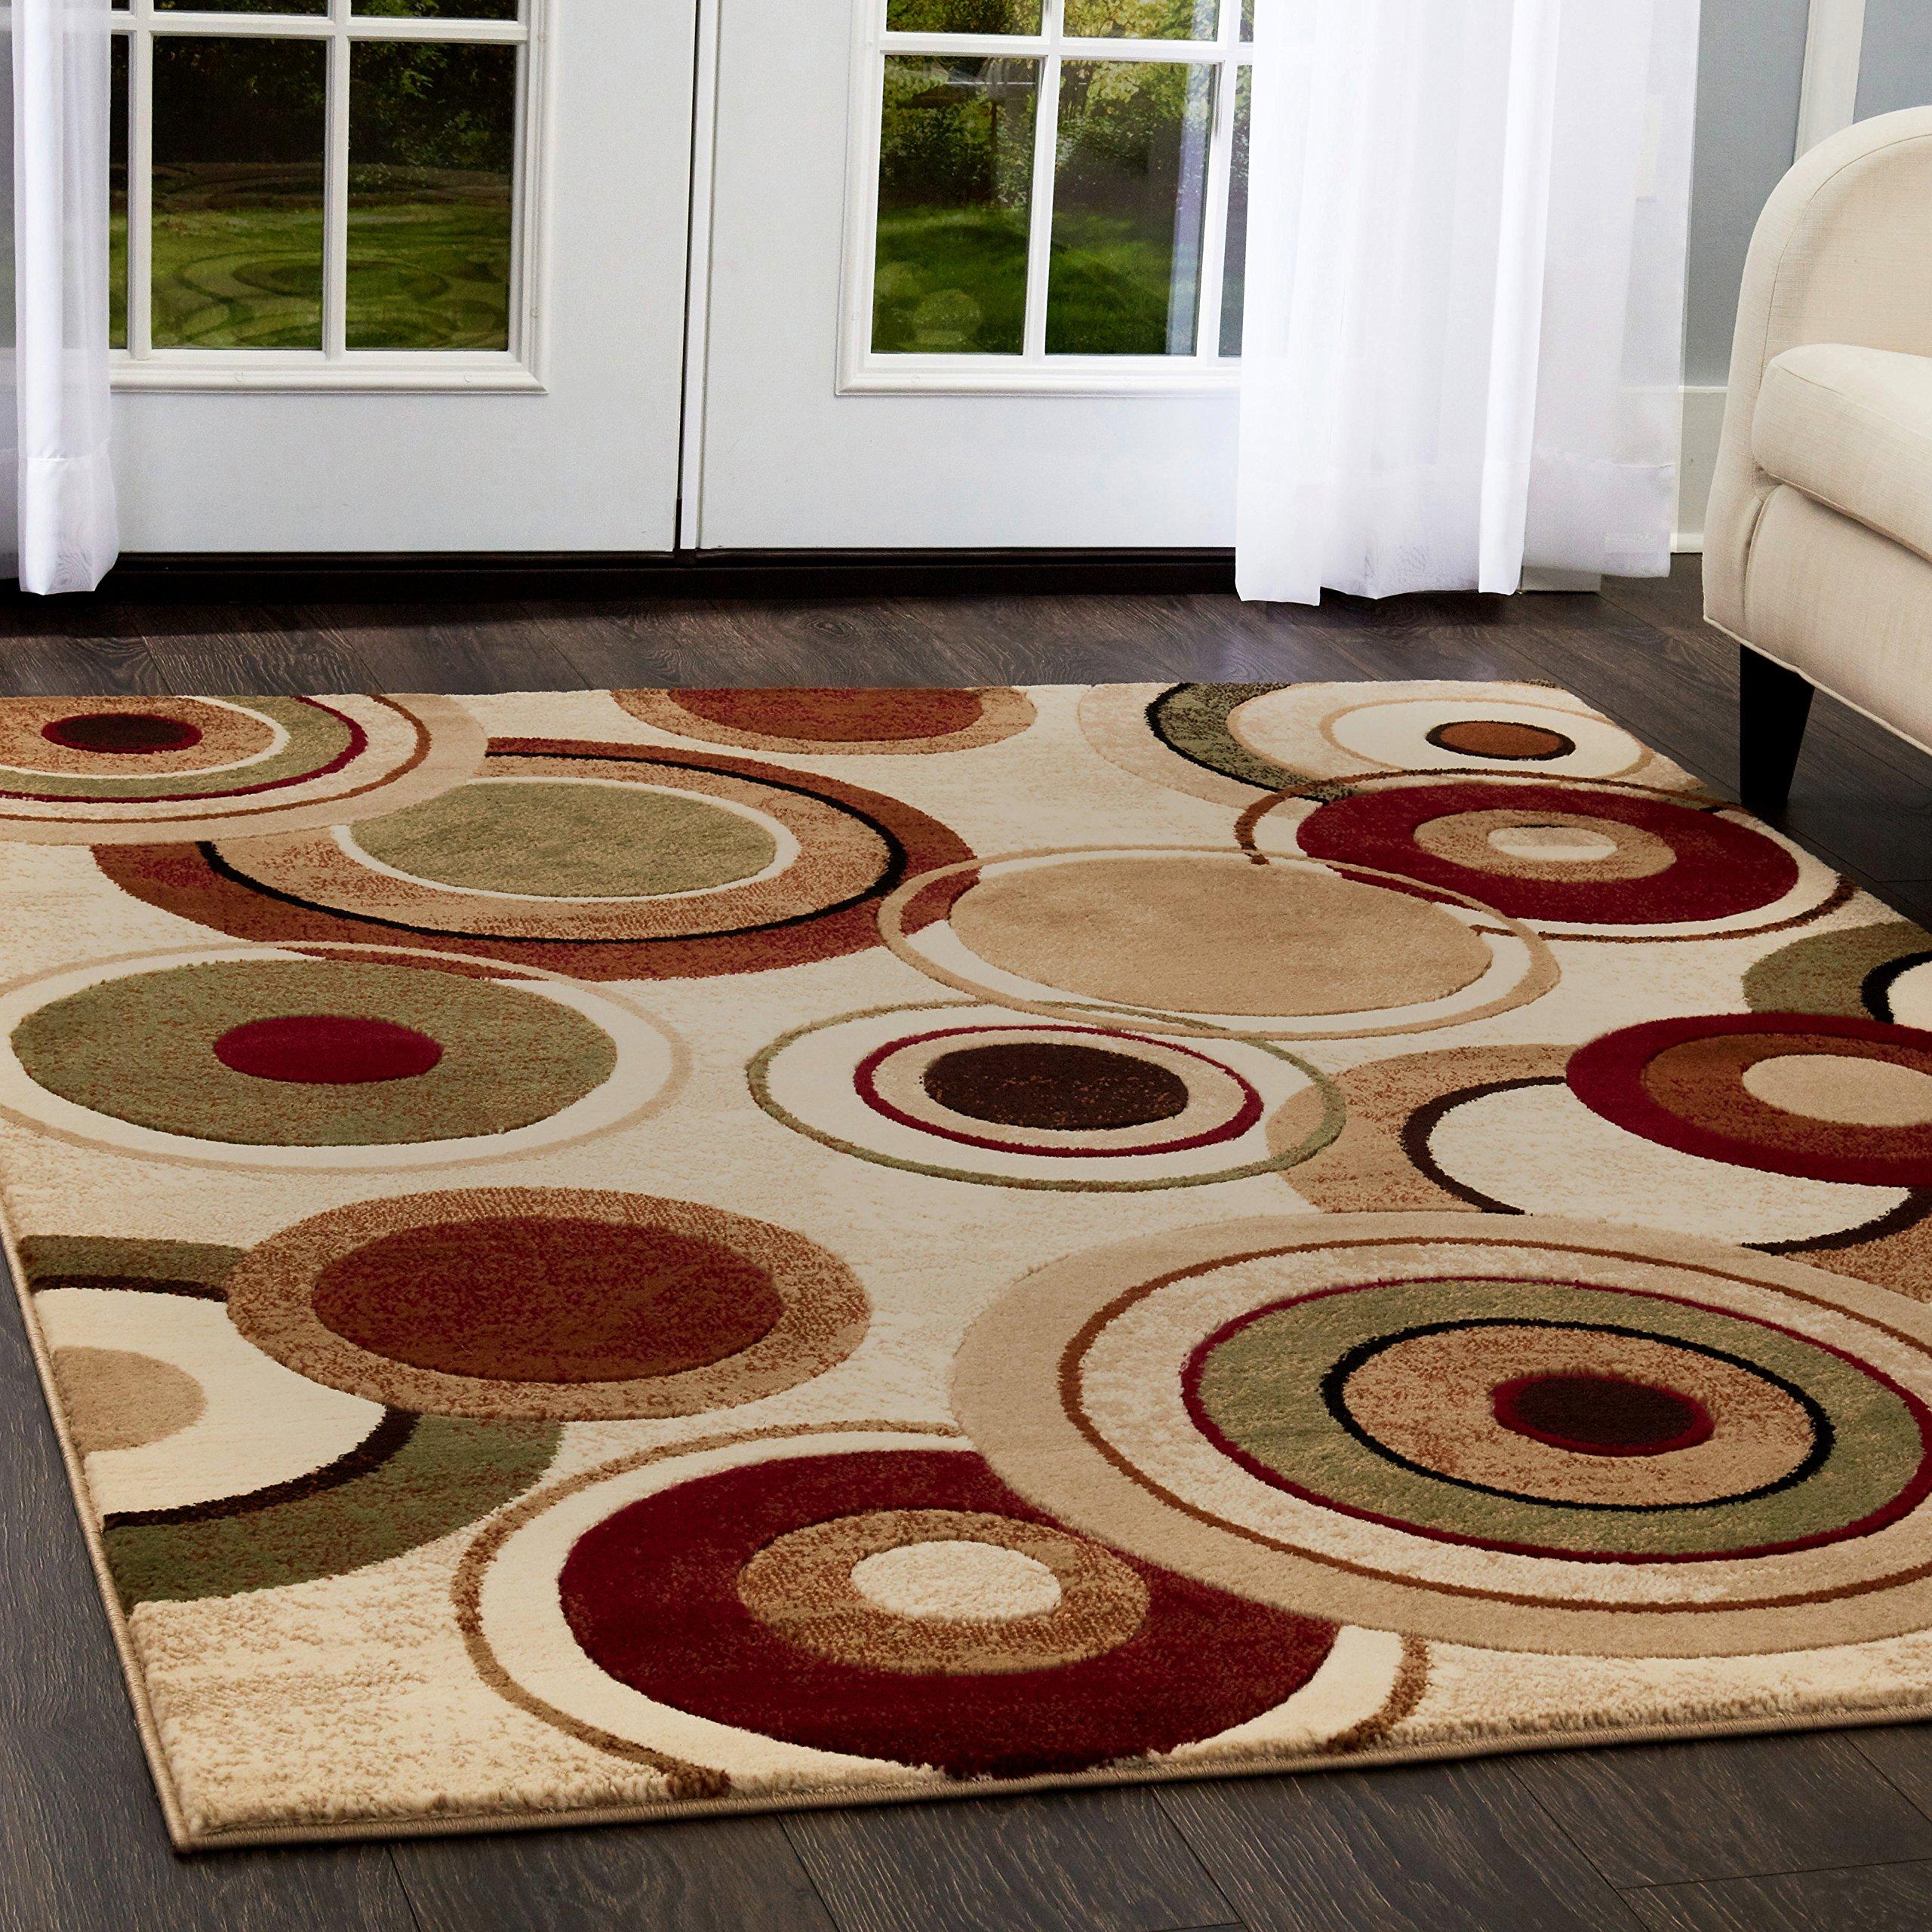 Big living room rugs - Huge living room rugs ...